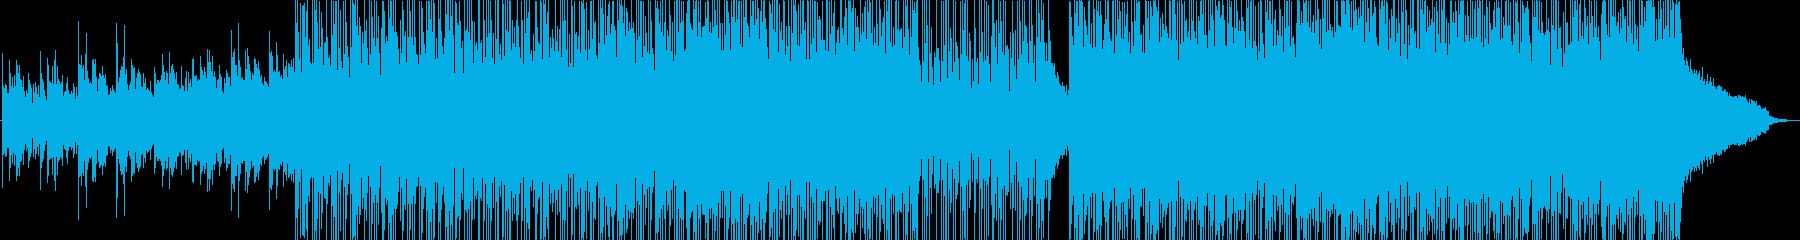 美しいシンセインディロックの再生済みの波形